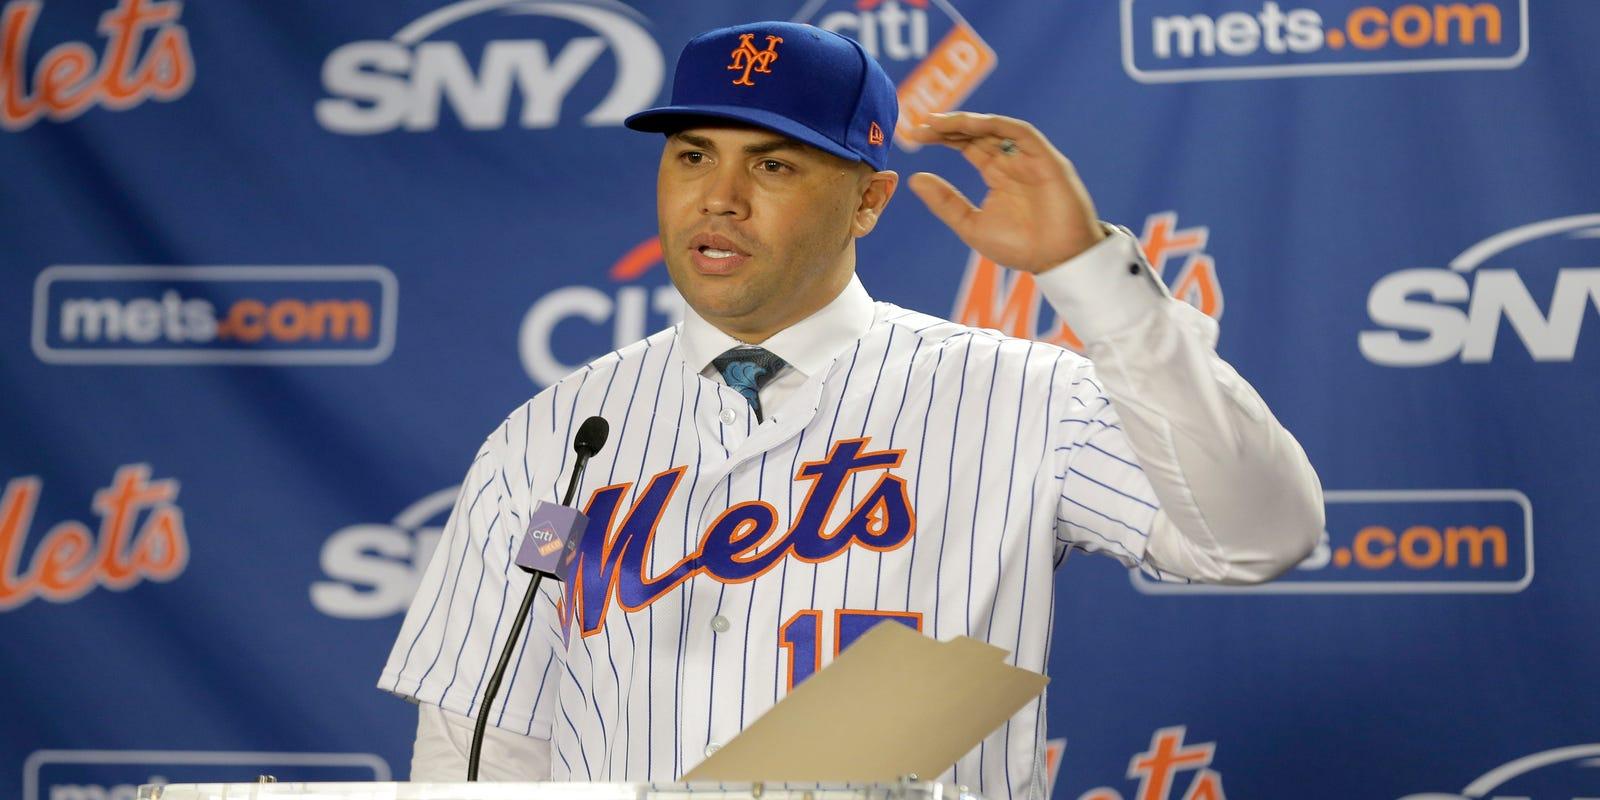 Mlb Rumors Mets Carlos Beltran Stepping Down As Manager